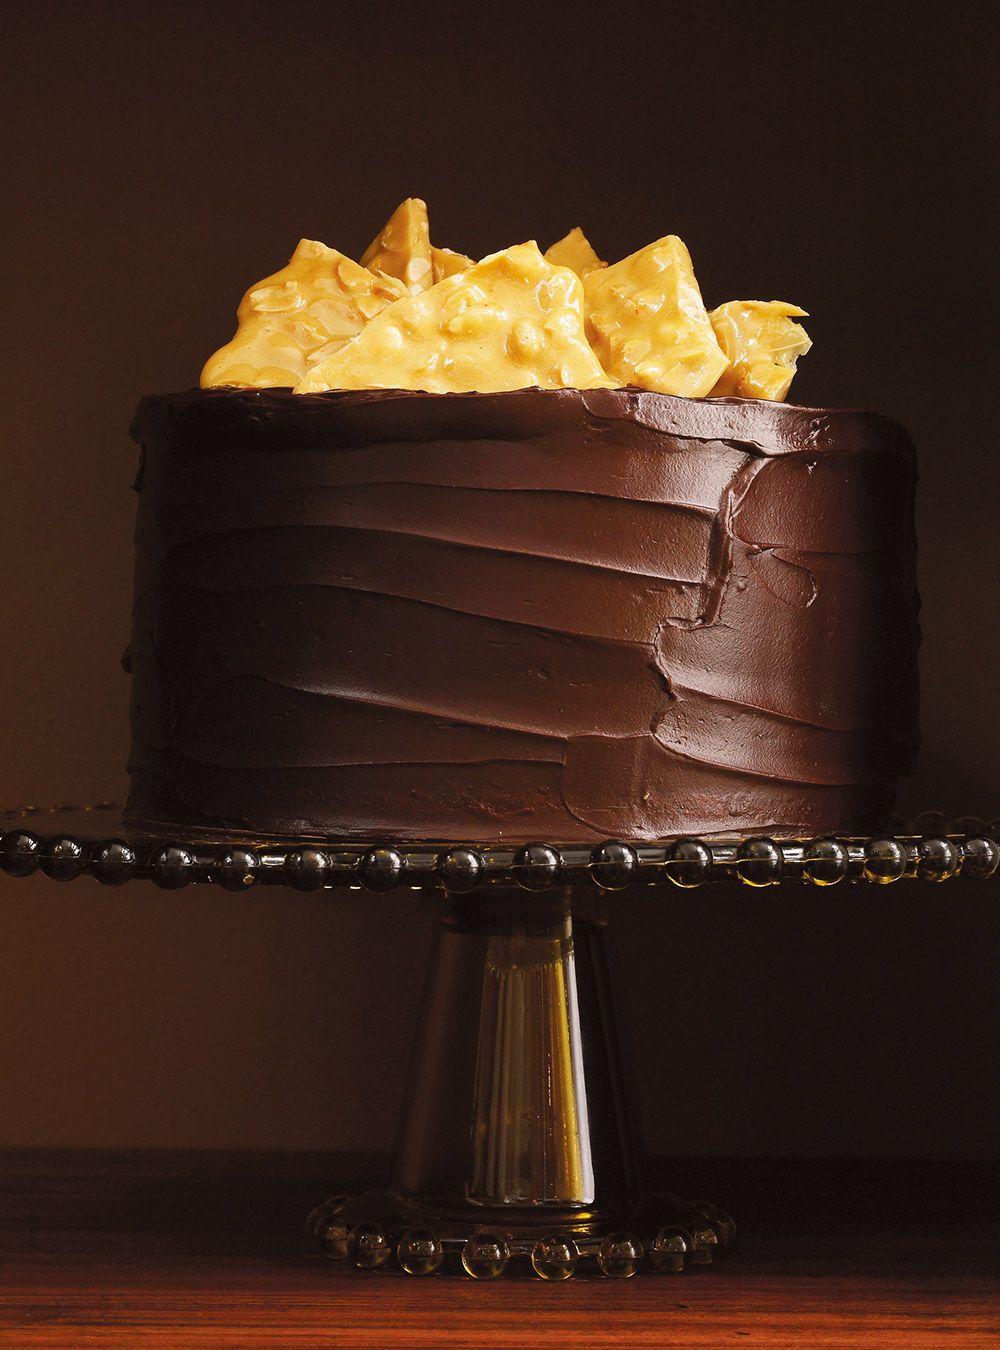 Gâteau Au Chocolat 2 Recipe Cuisine Pinterest Chocolate